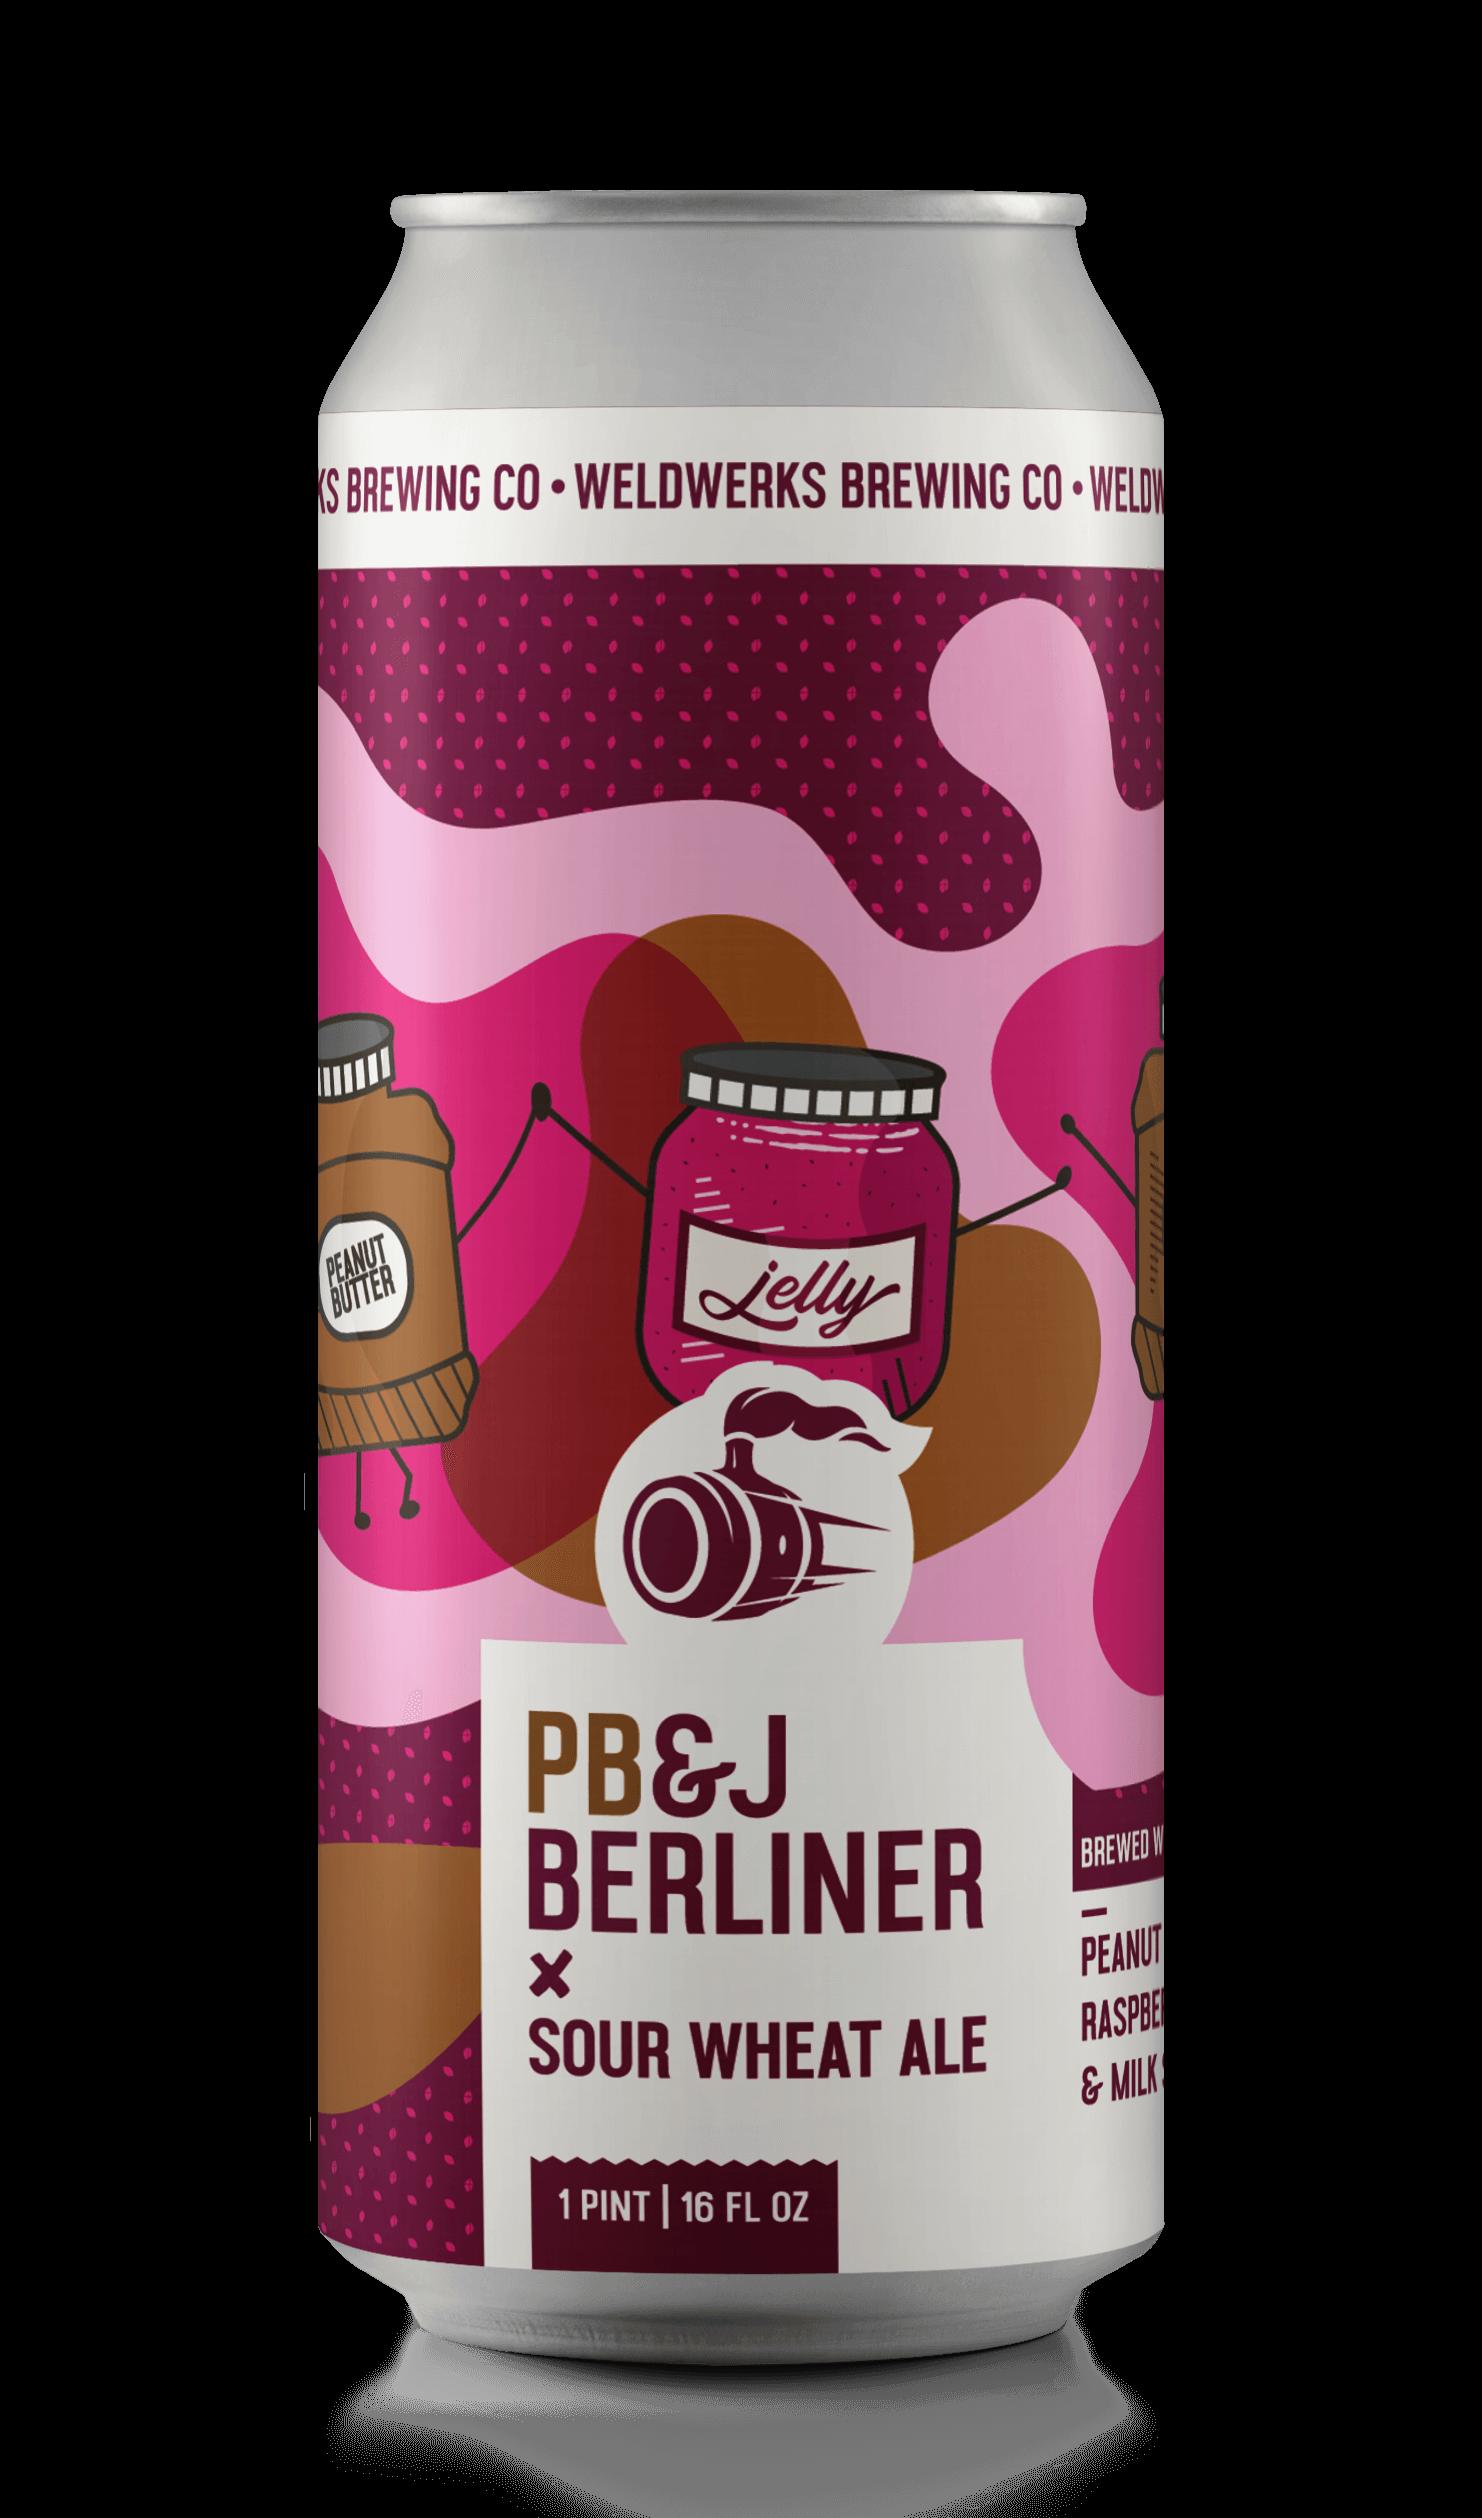 PB&J Berliner